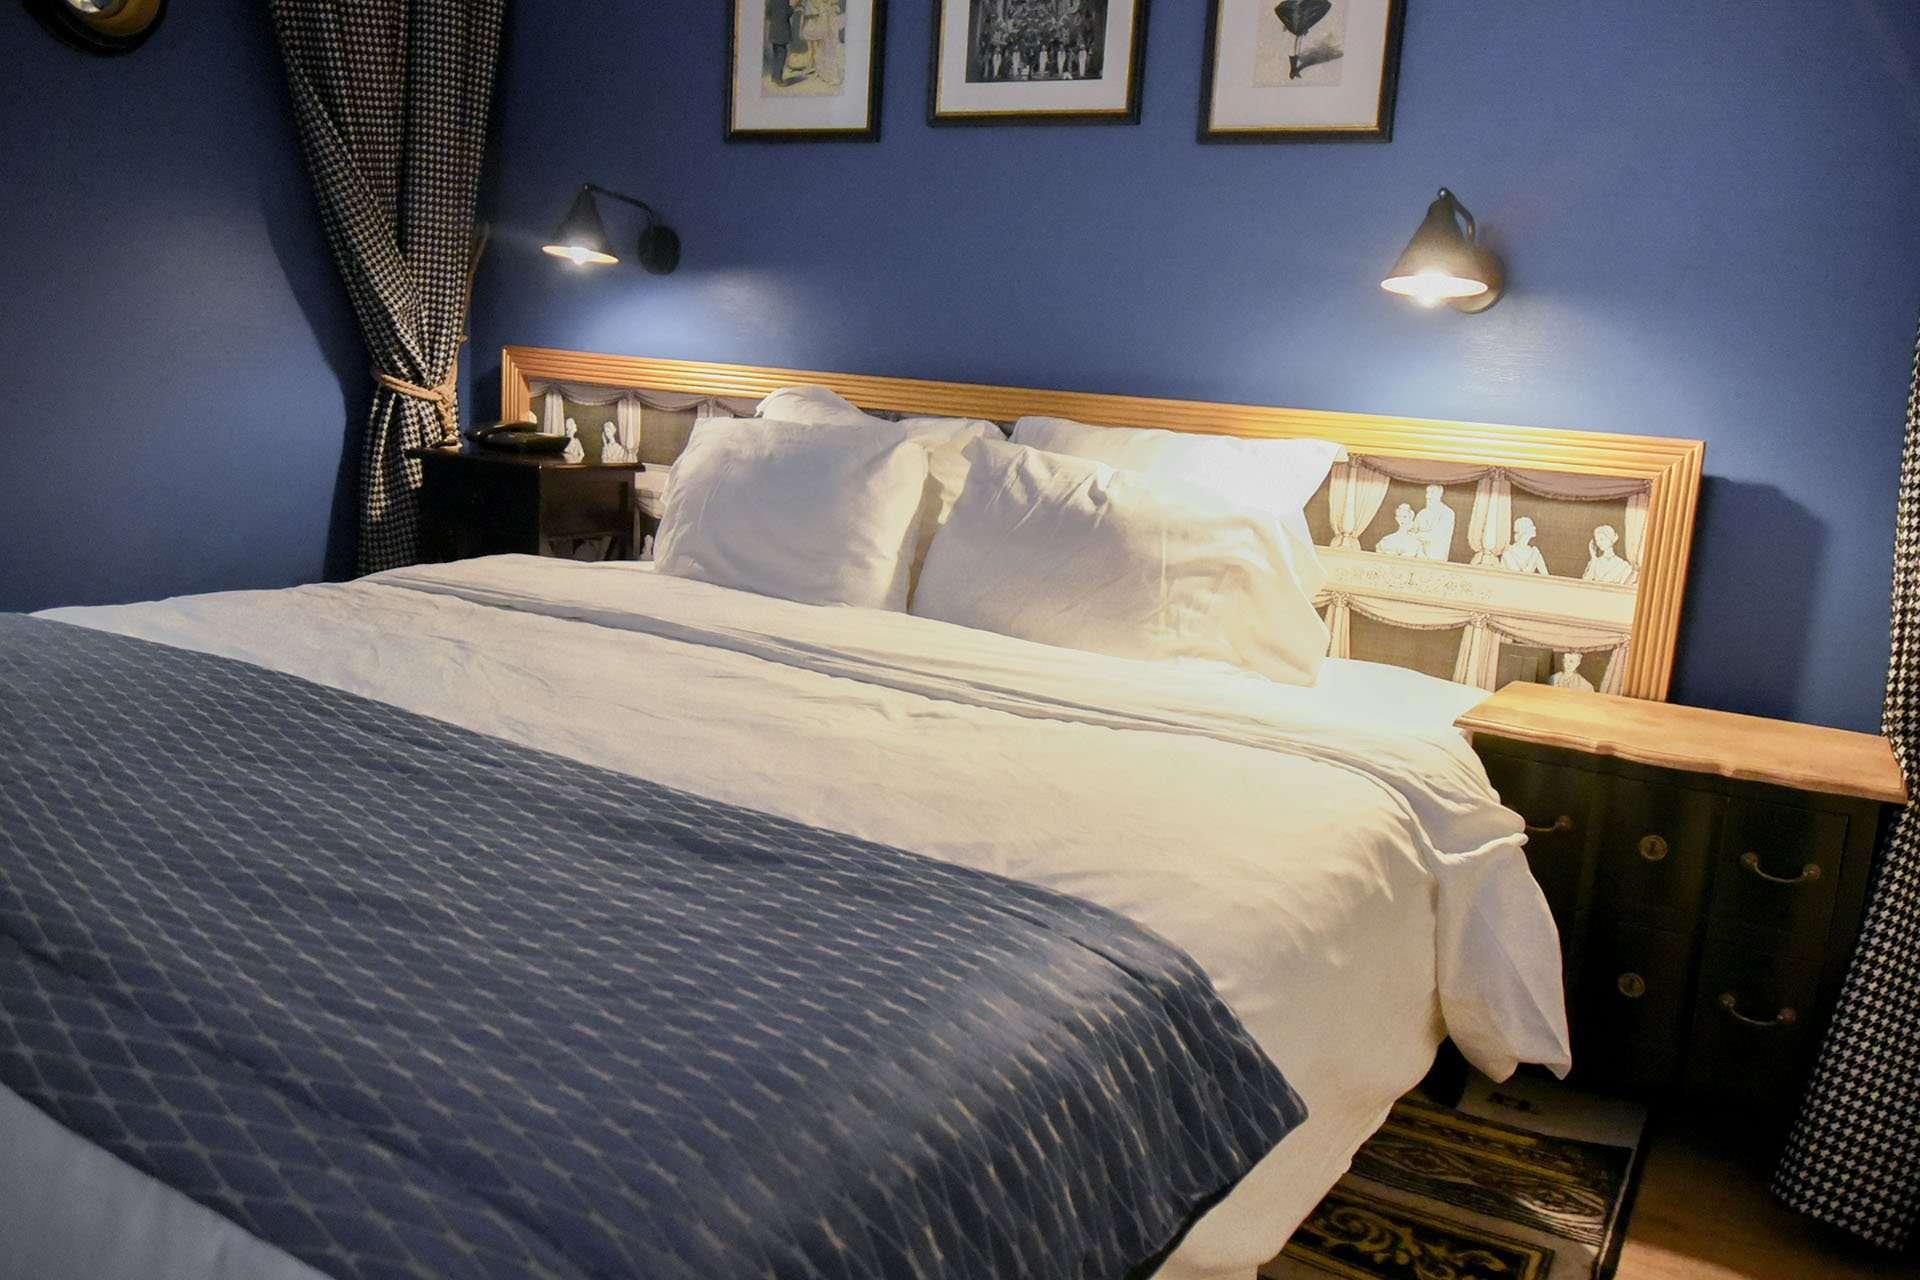 Bed at Hotel Sacha